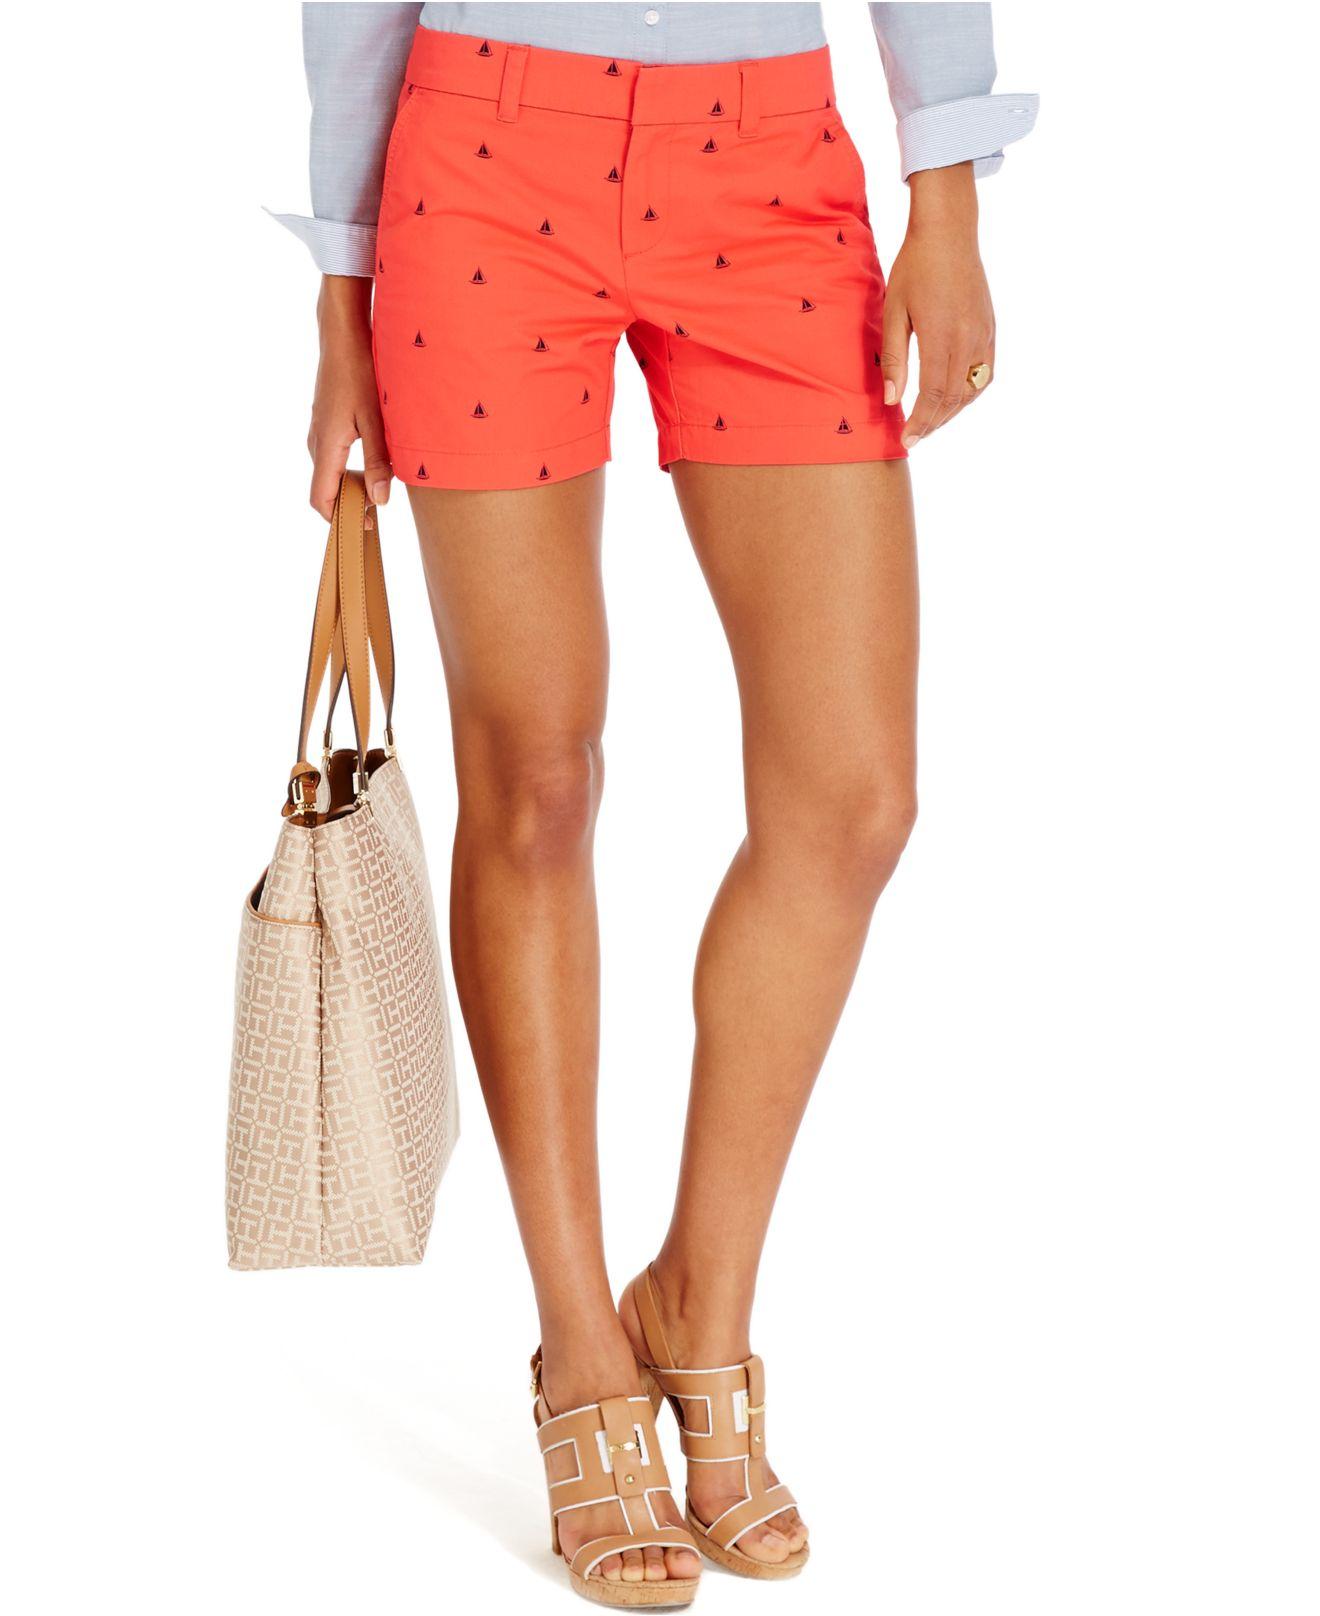 tommy hilfiger hollywood sailboat shorts in orange lyst. Black Bedroom Furniture Sets. Home Design Ideas